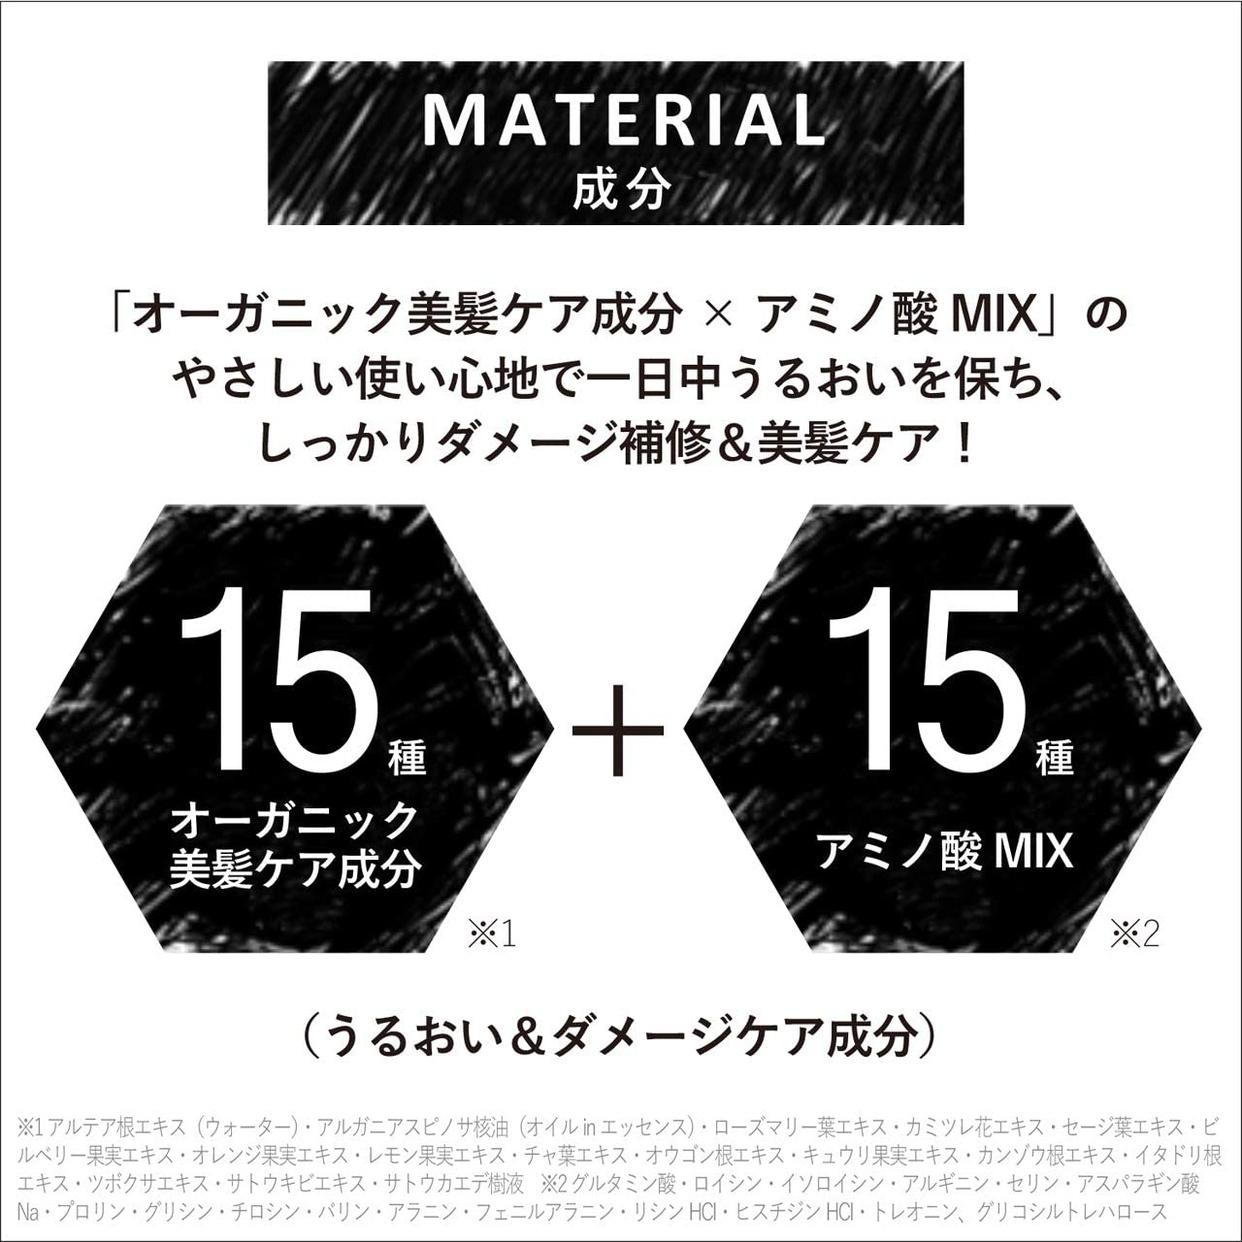 PROSTYLE MALCA(プロスタイルマルカ) パーフェクトケアウォーターの商品画像4